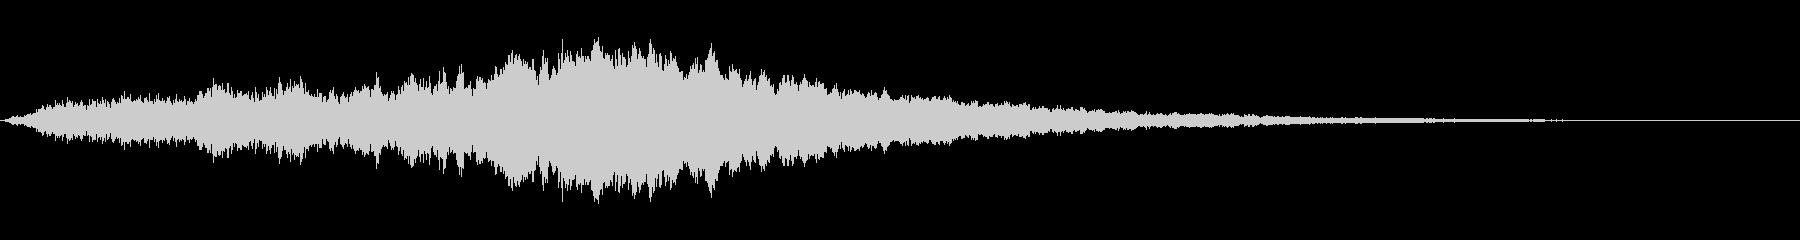 スペイシーメタリックリングの未再生の波形